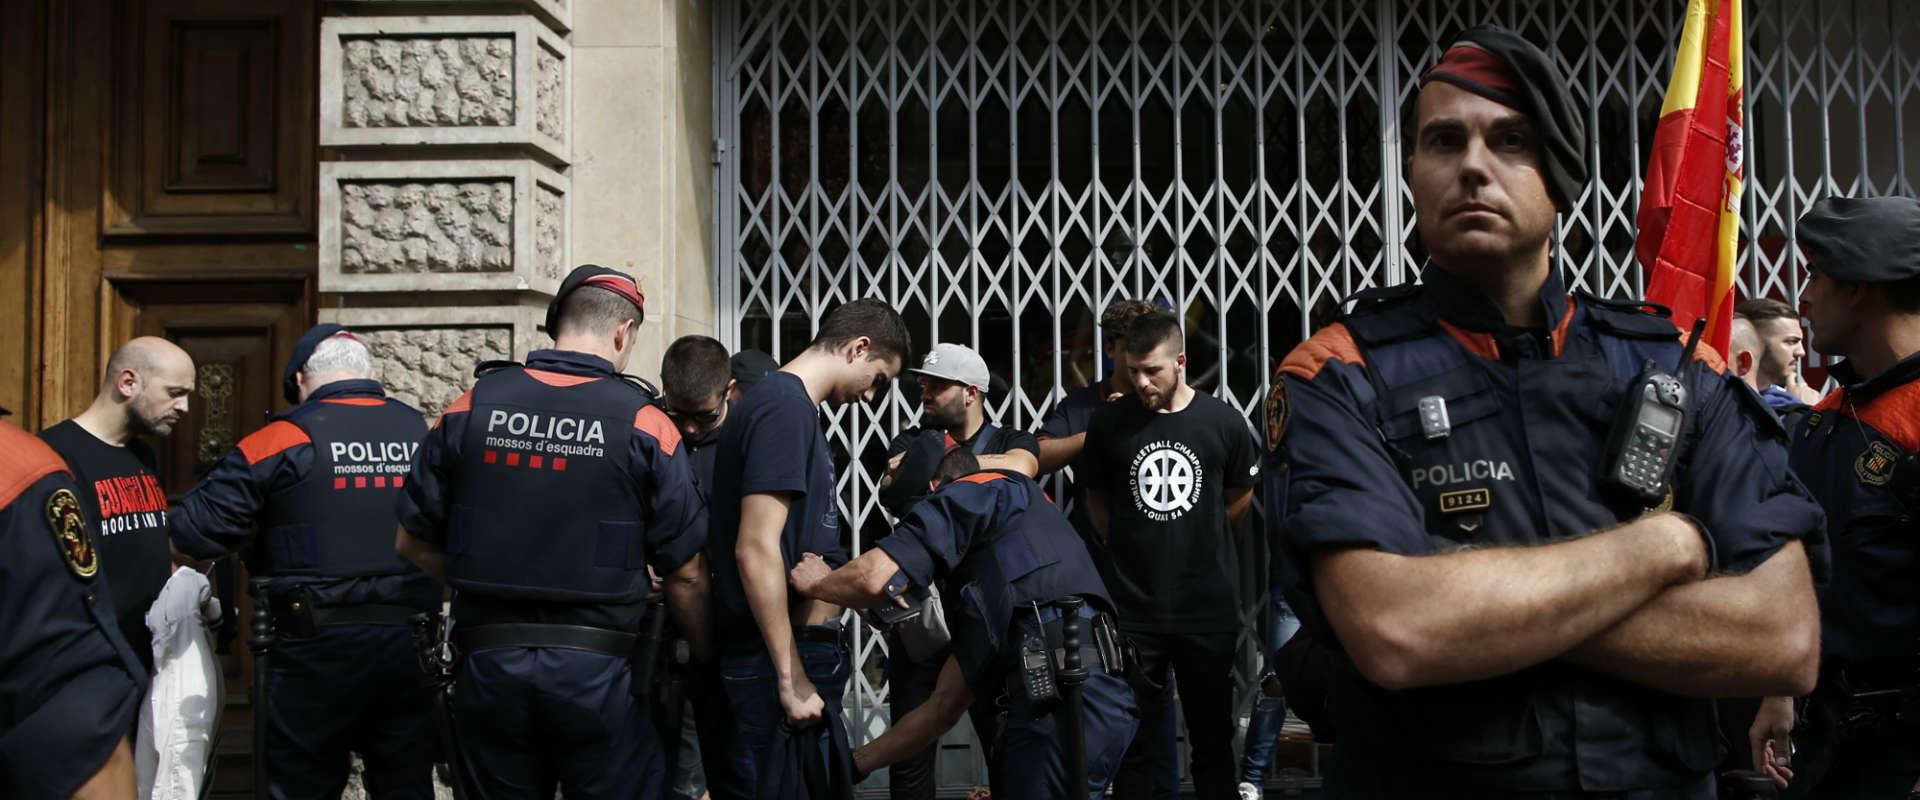 שוטרי המשטרה הקטלונית בברצלונה, לפני כשבועיים